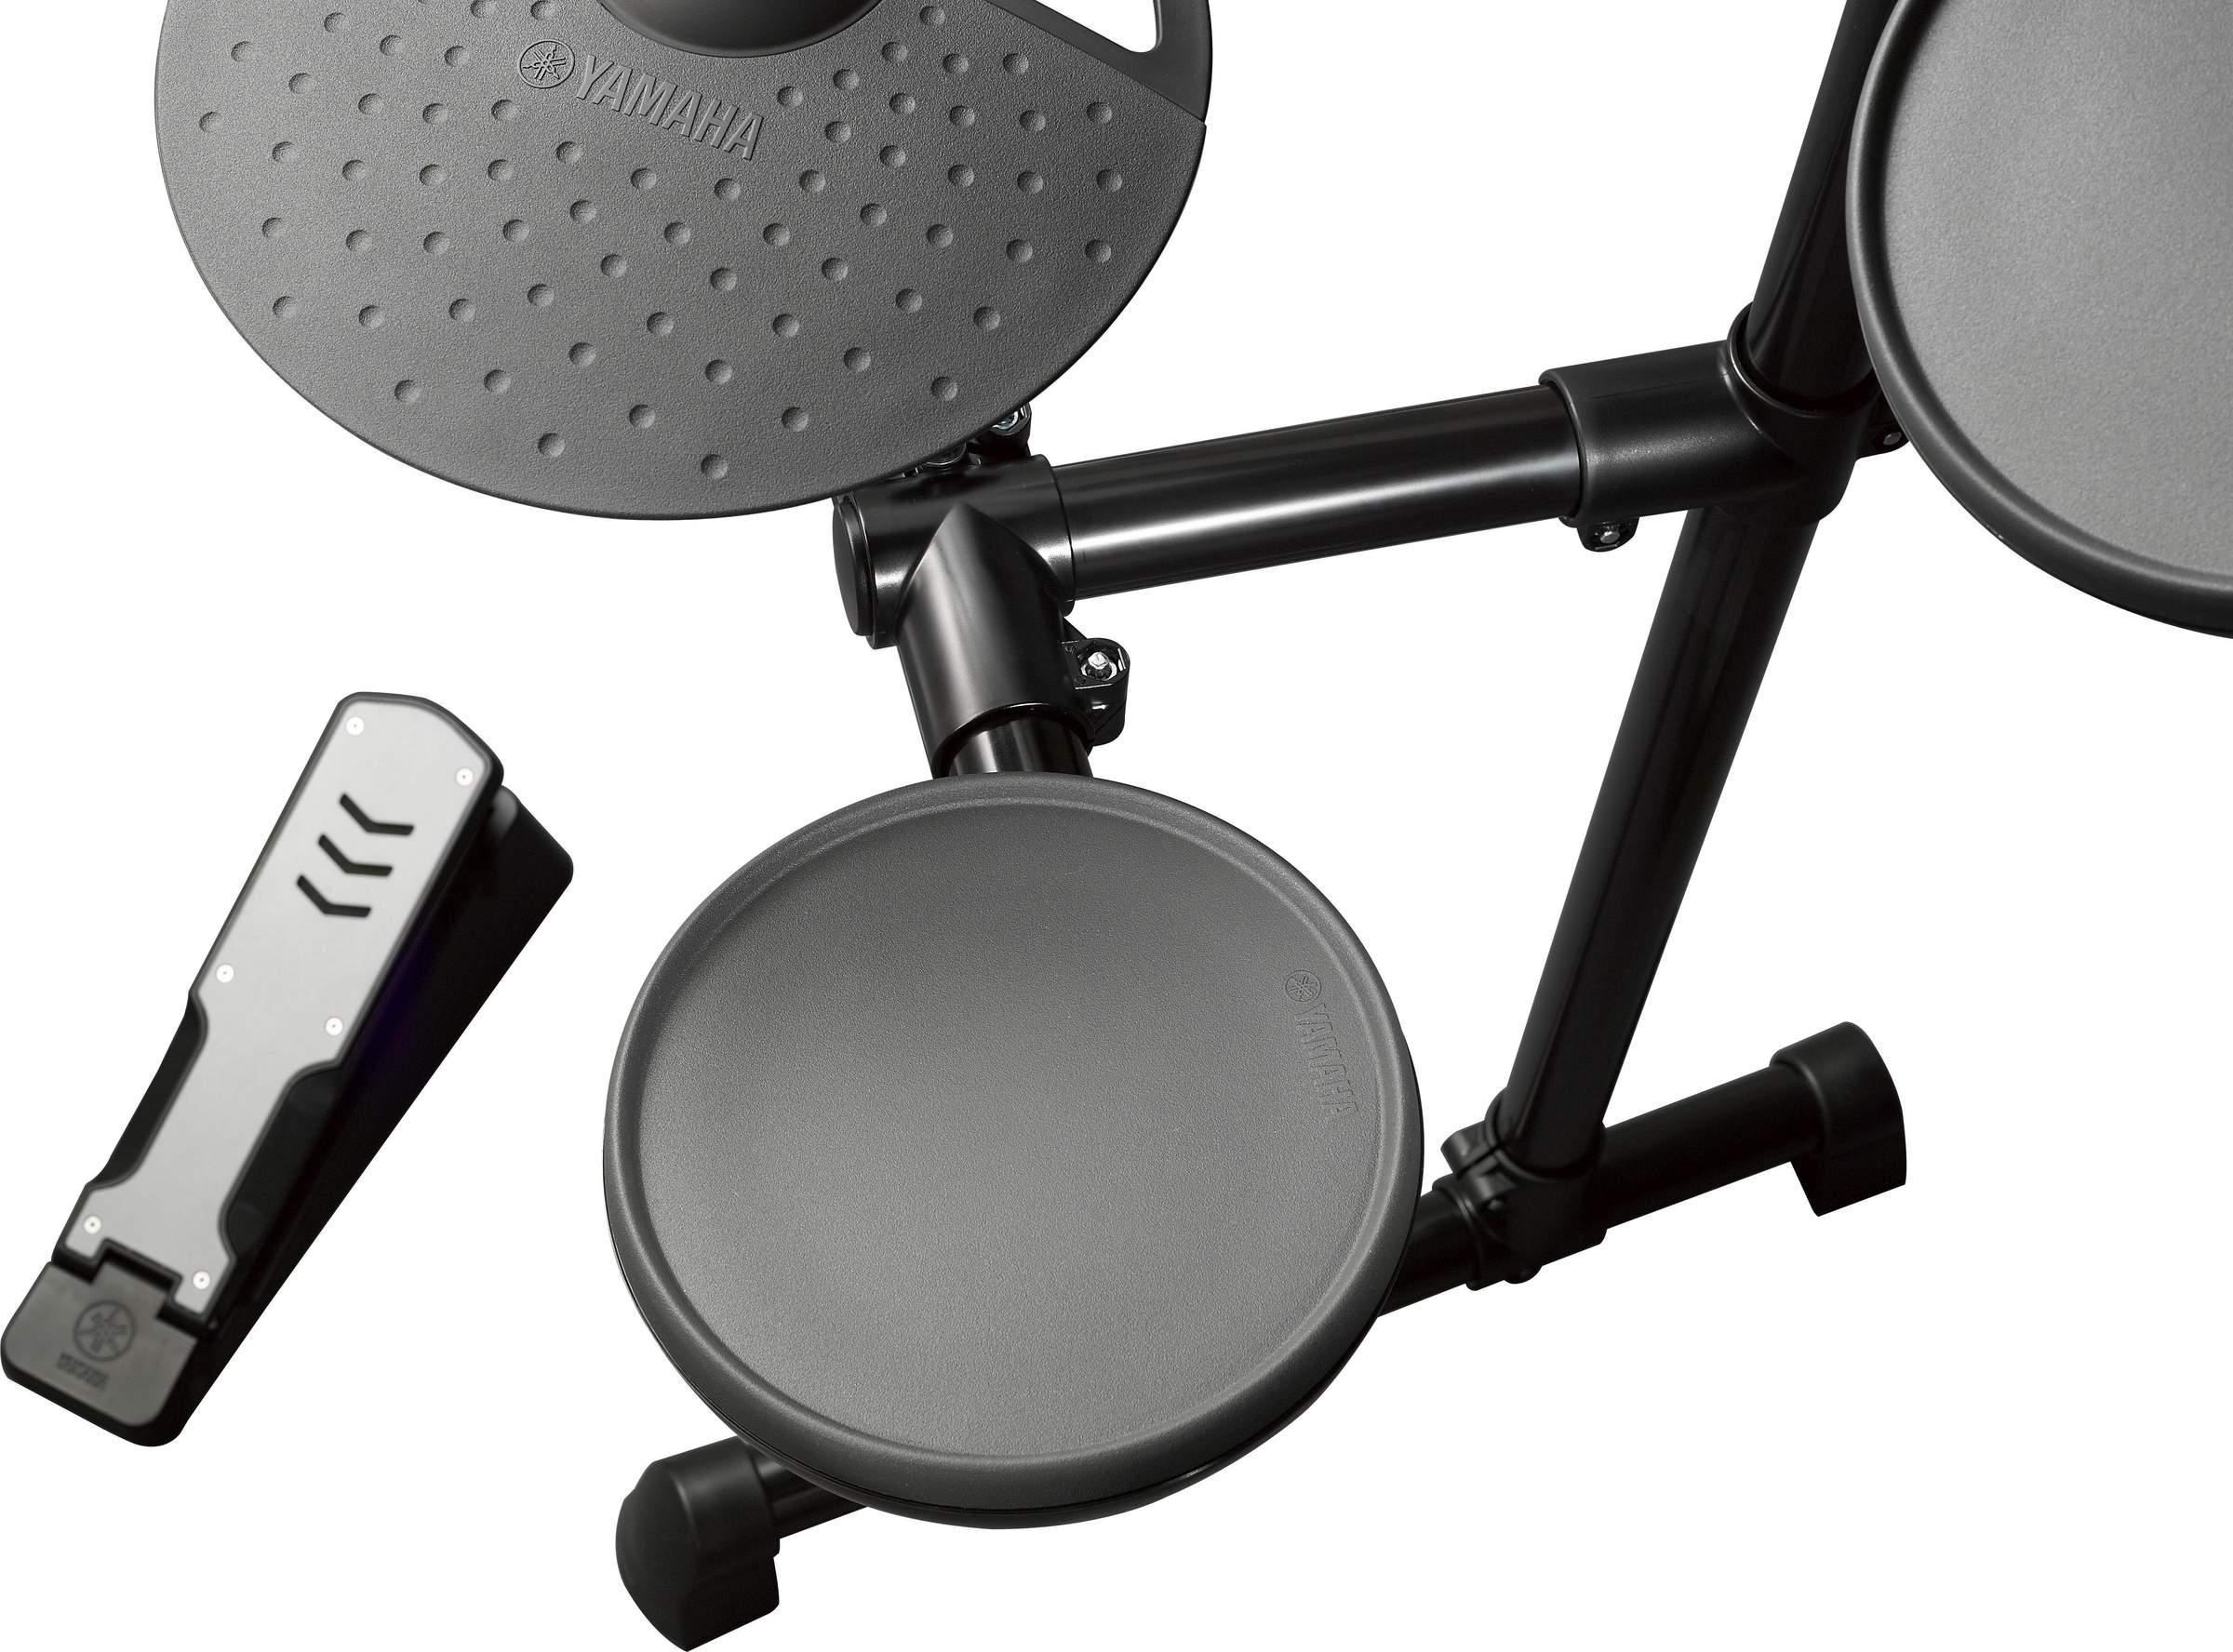 Yamaha Ddc Digital Drum